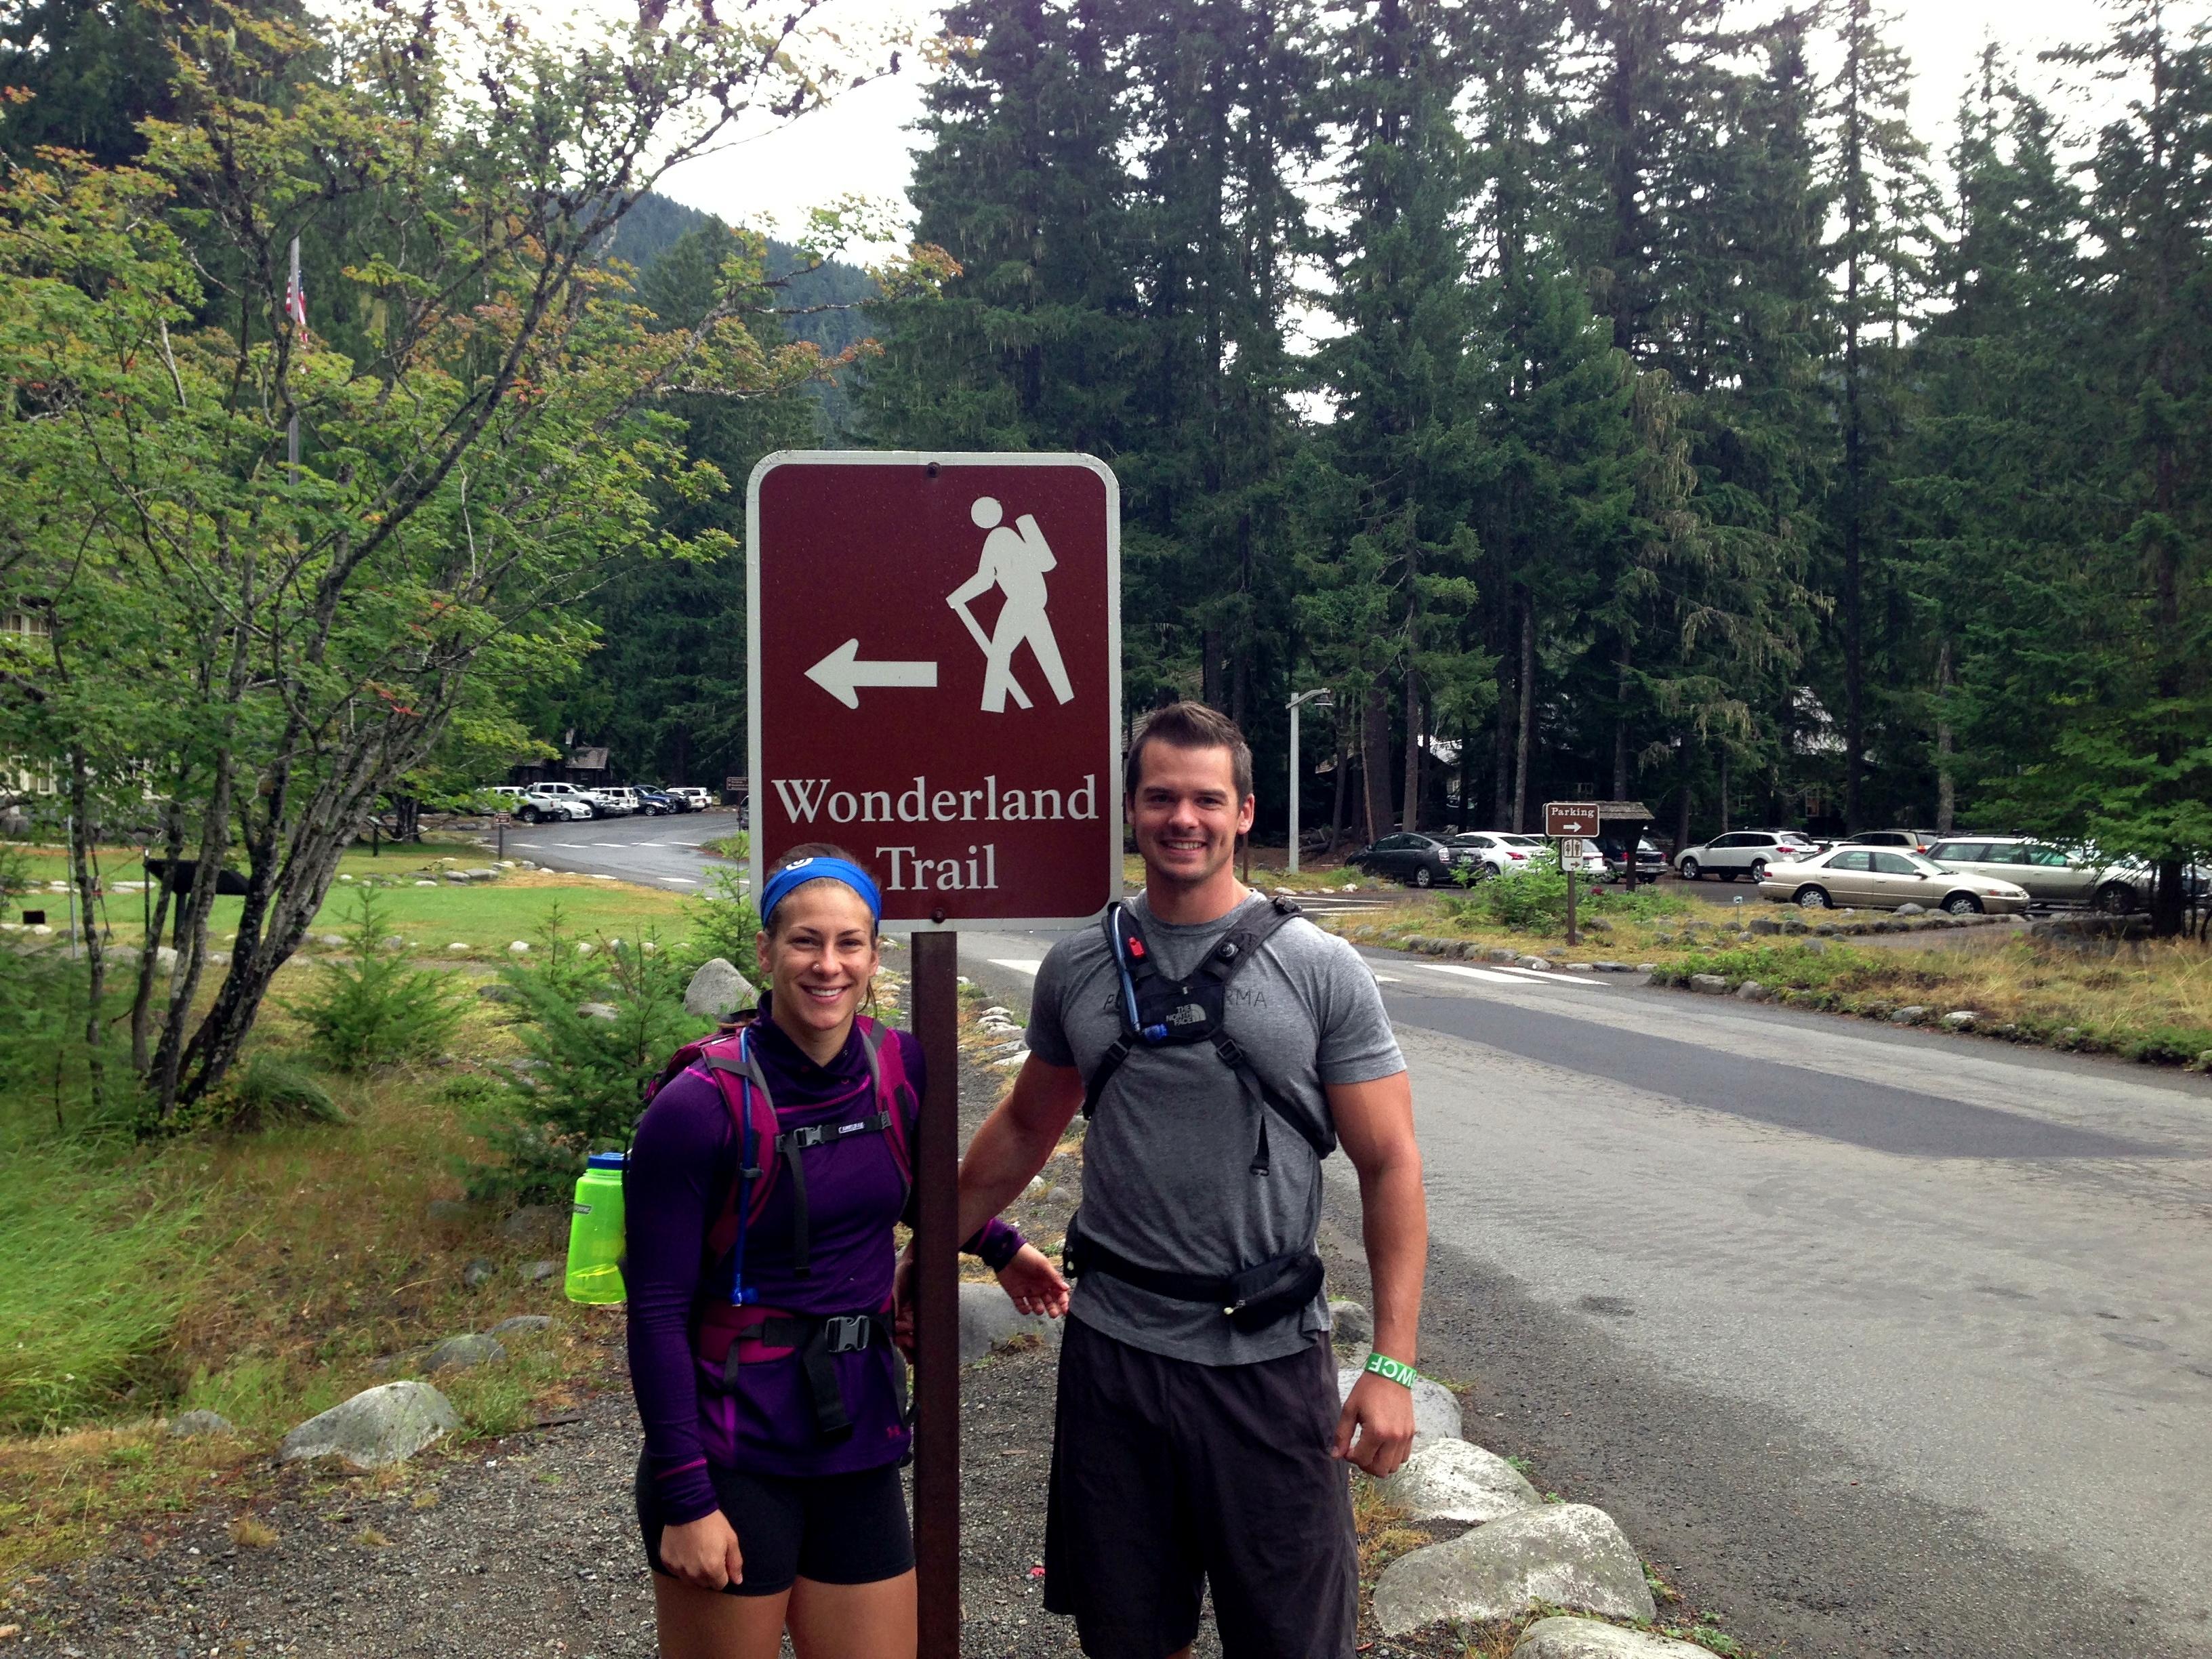 The Wonderland Trail in 3 Days (Day 1)